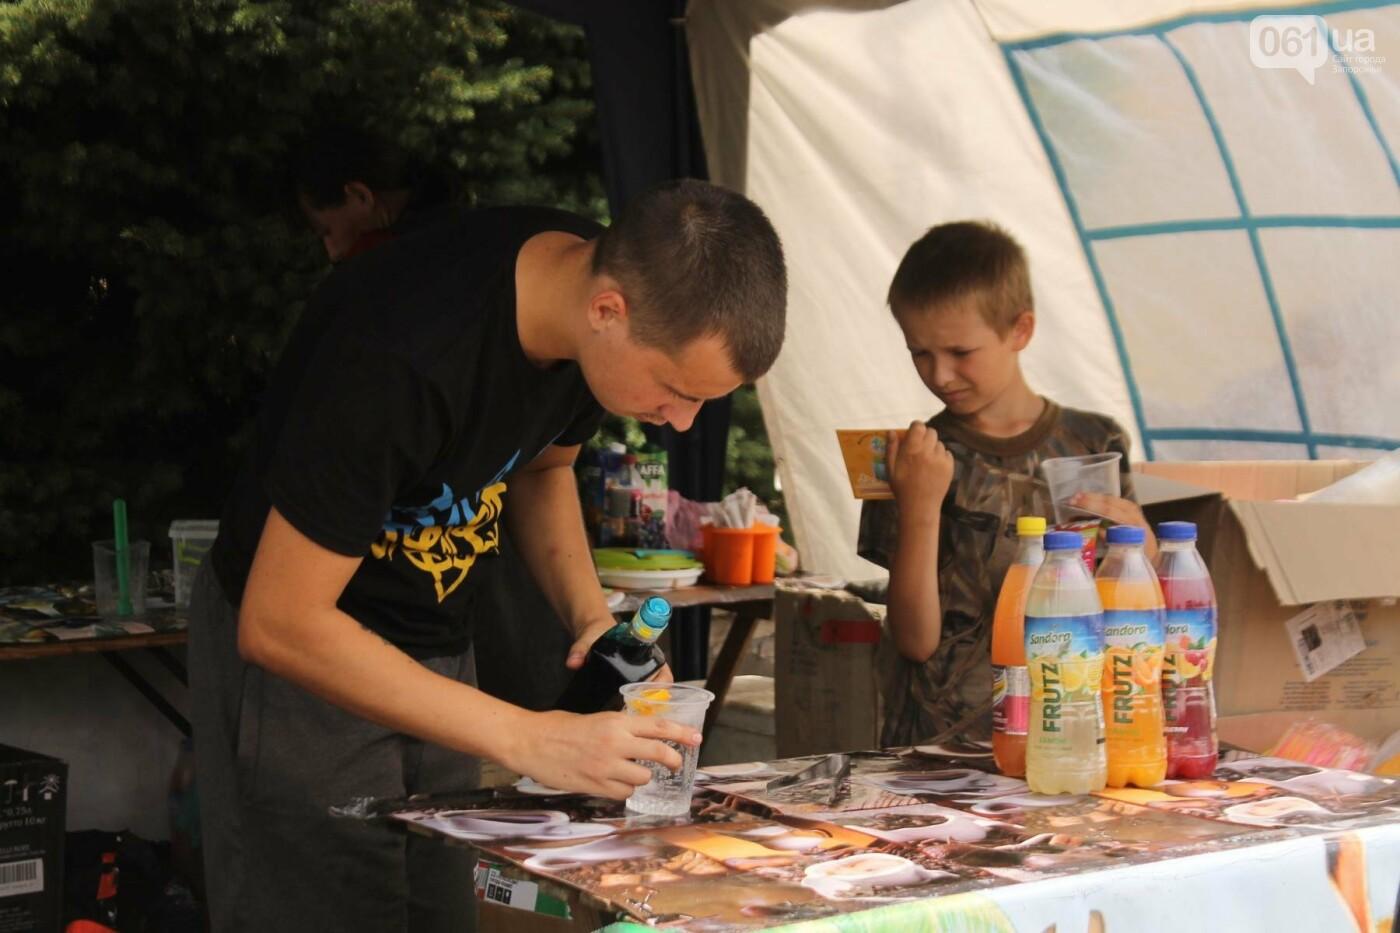 Фестиваль еды, концерты и развлечения: в Запорожье начался фестиваль ко Дню молодежи, – ФОТОРЕПОРТАЖ, фото-22